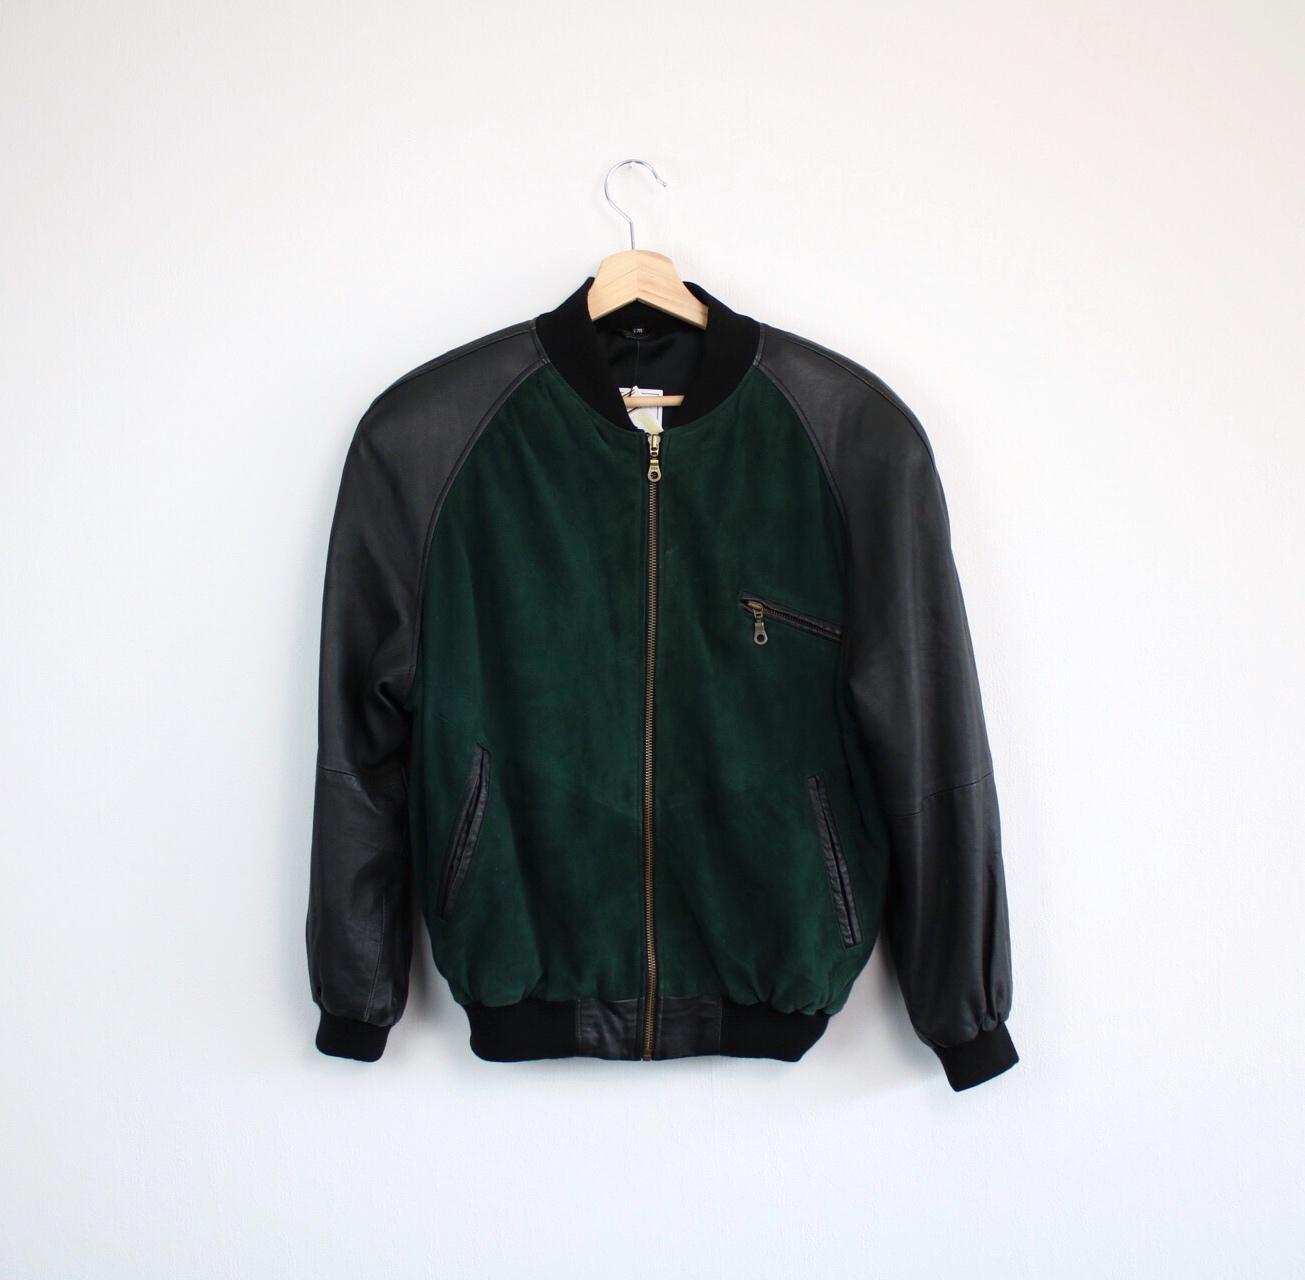 G.O.L. INTERNATIONAL Lederbomber Lederjacke leather bomber jacket BASEBALL